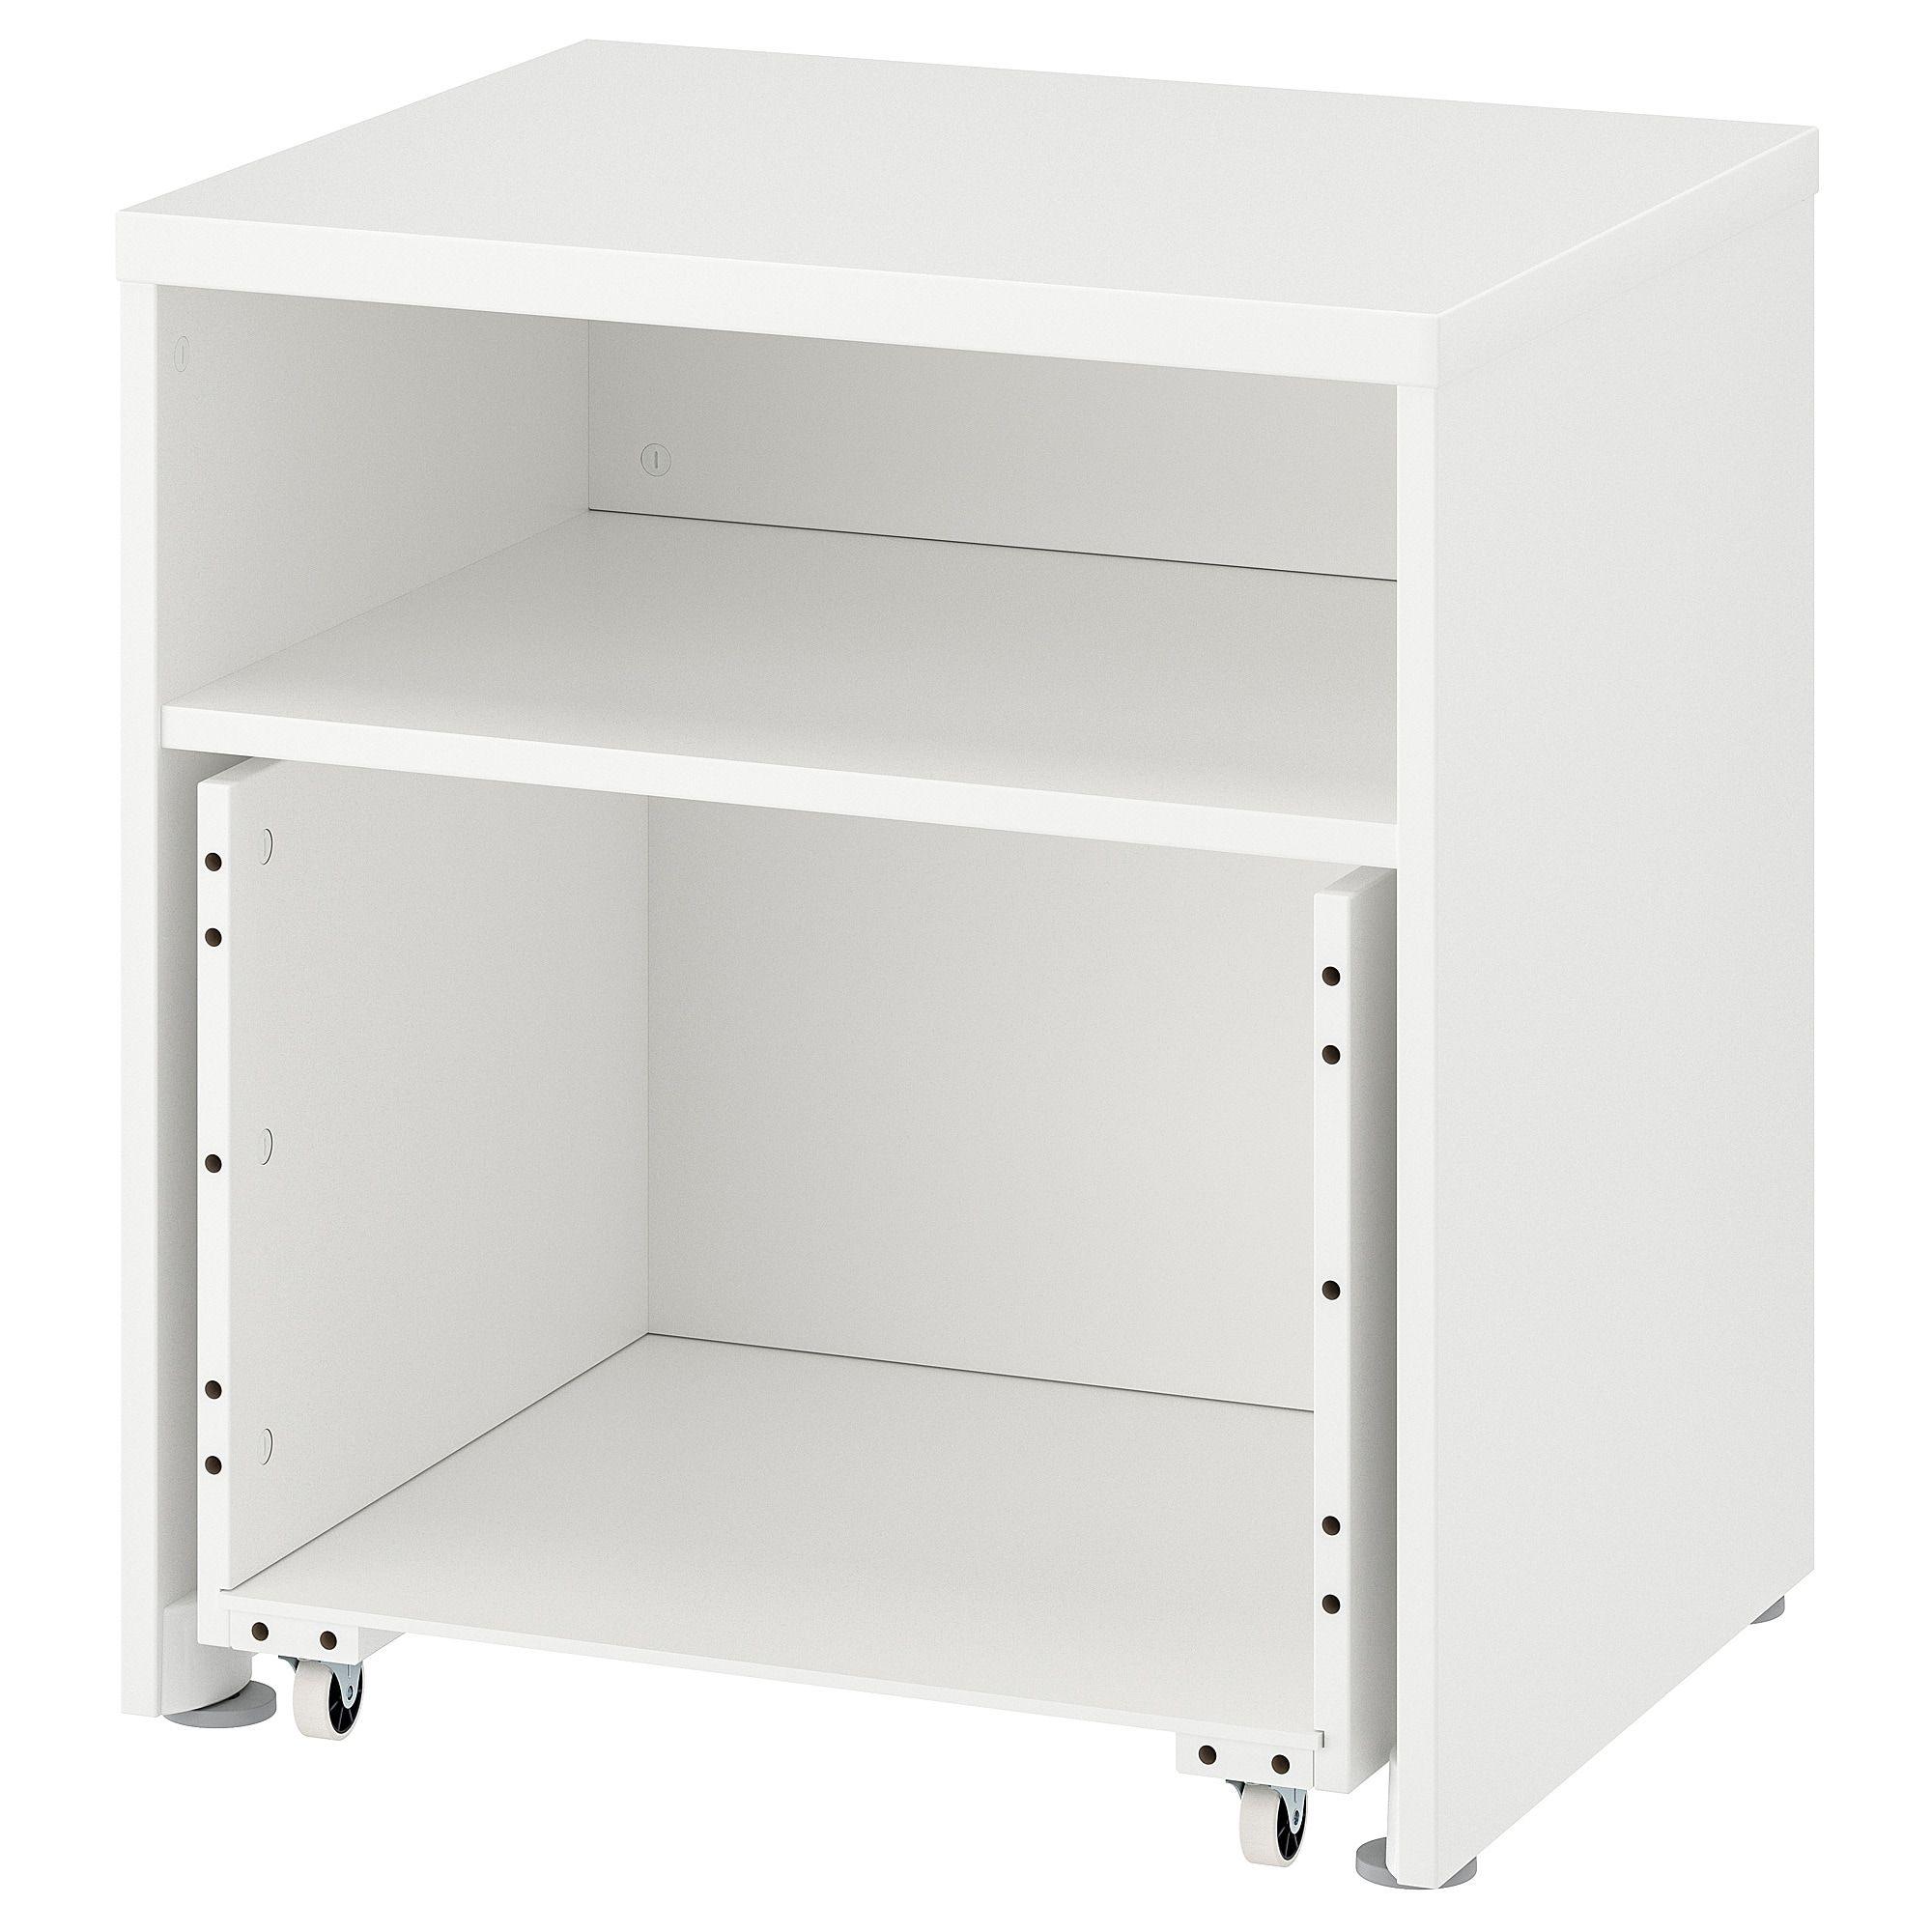 Stuva Structure Avec Coffre Sur Roulettes 23 5 8x19 5 8x25 1 4 60x50x64 Cm Meuble Imprimante Ikea Rangement Imprimante